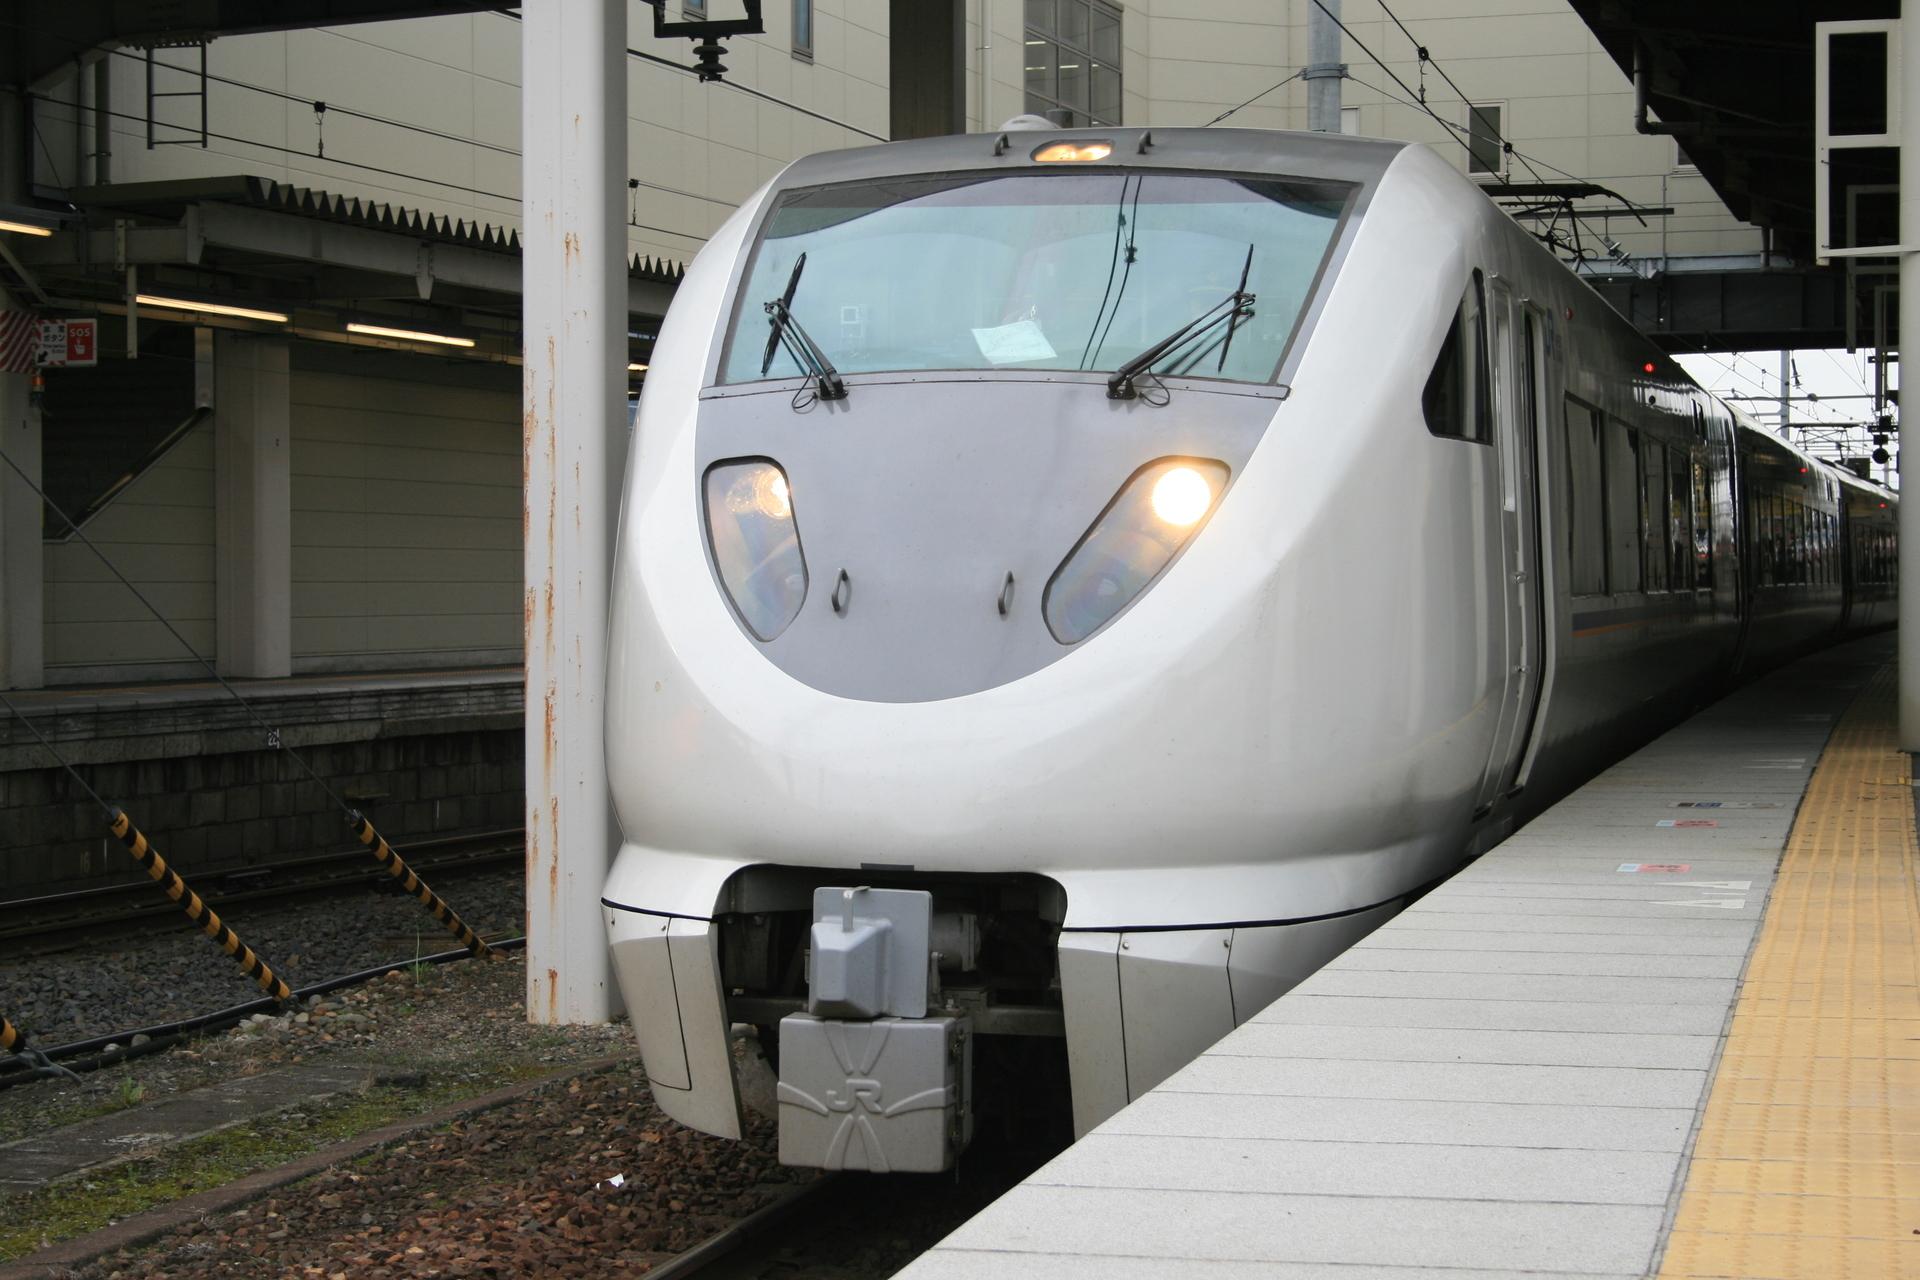 乗り換え しらさぎ 米原で新幹線からしらさぎに乗り換えてわかったこと!体験記